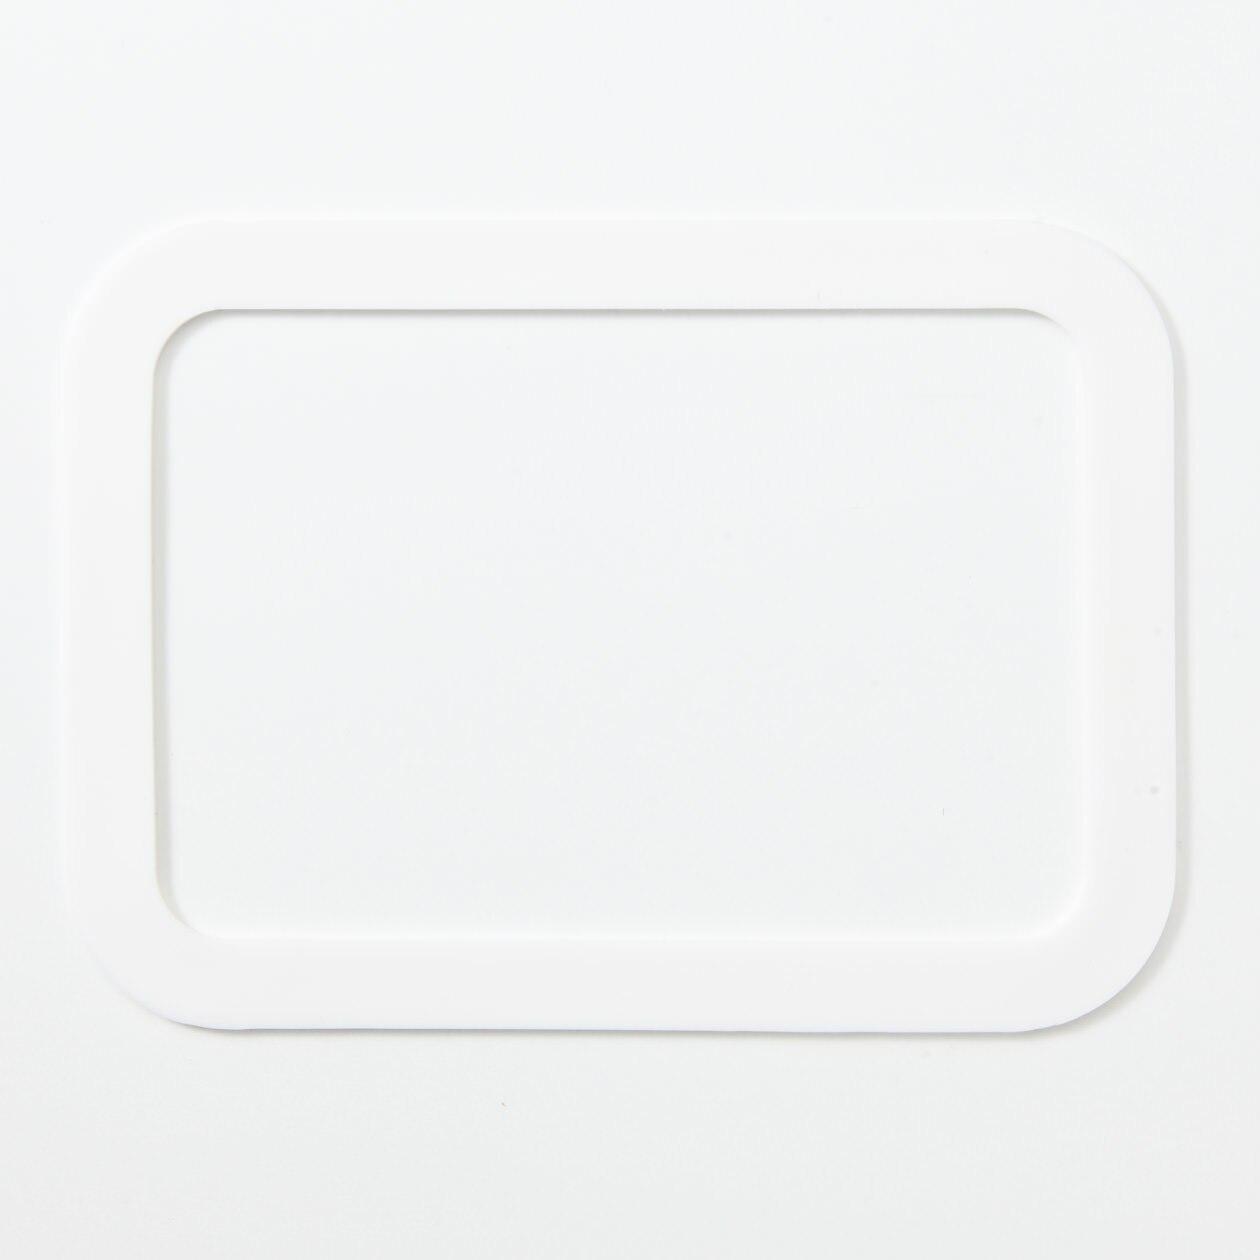 【パーツ】ポリプロピレン保存容器になるバルブ付弁当箱・白 パッキン